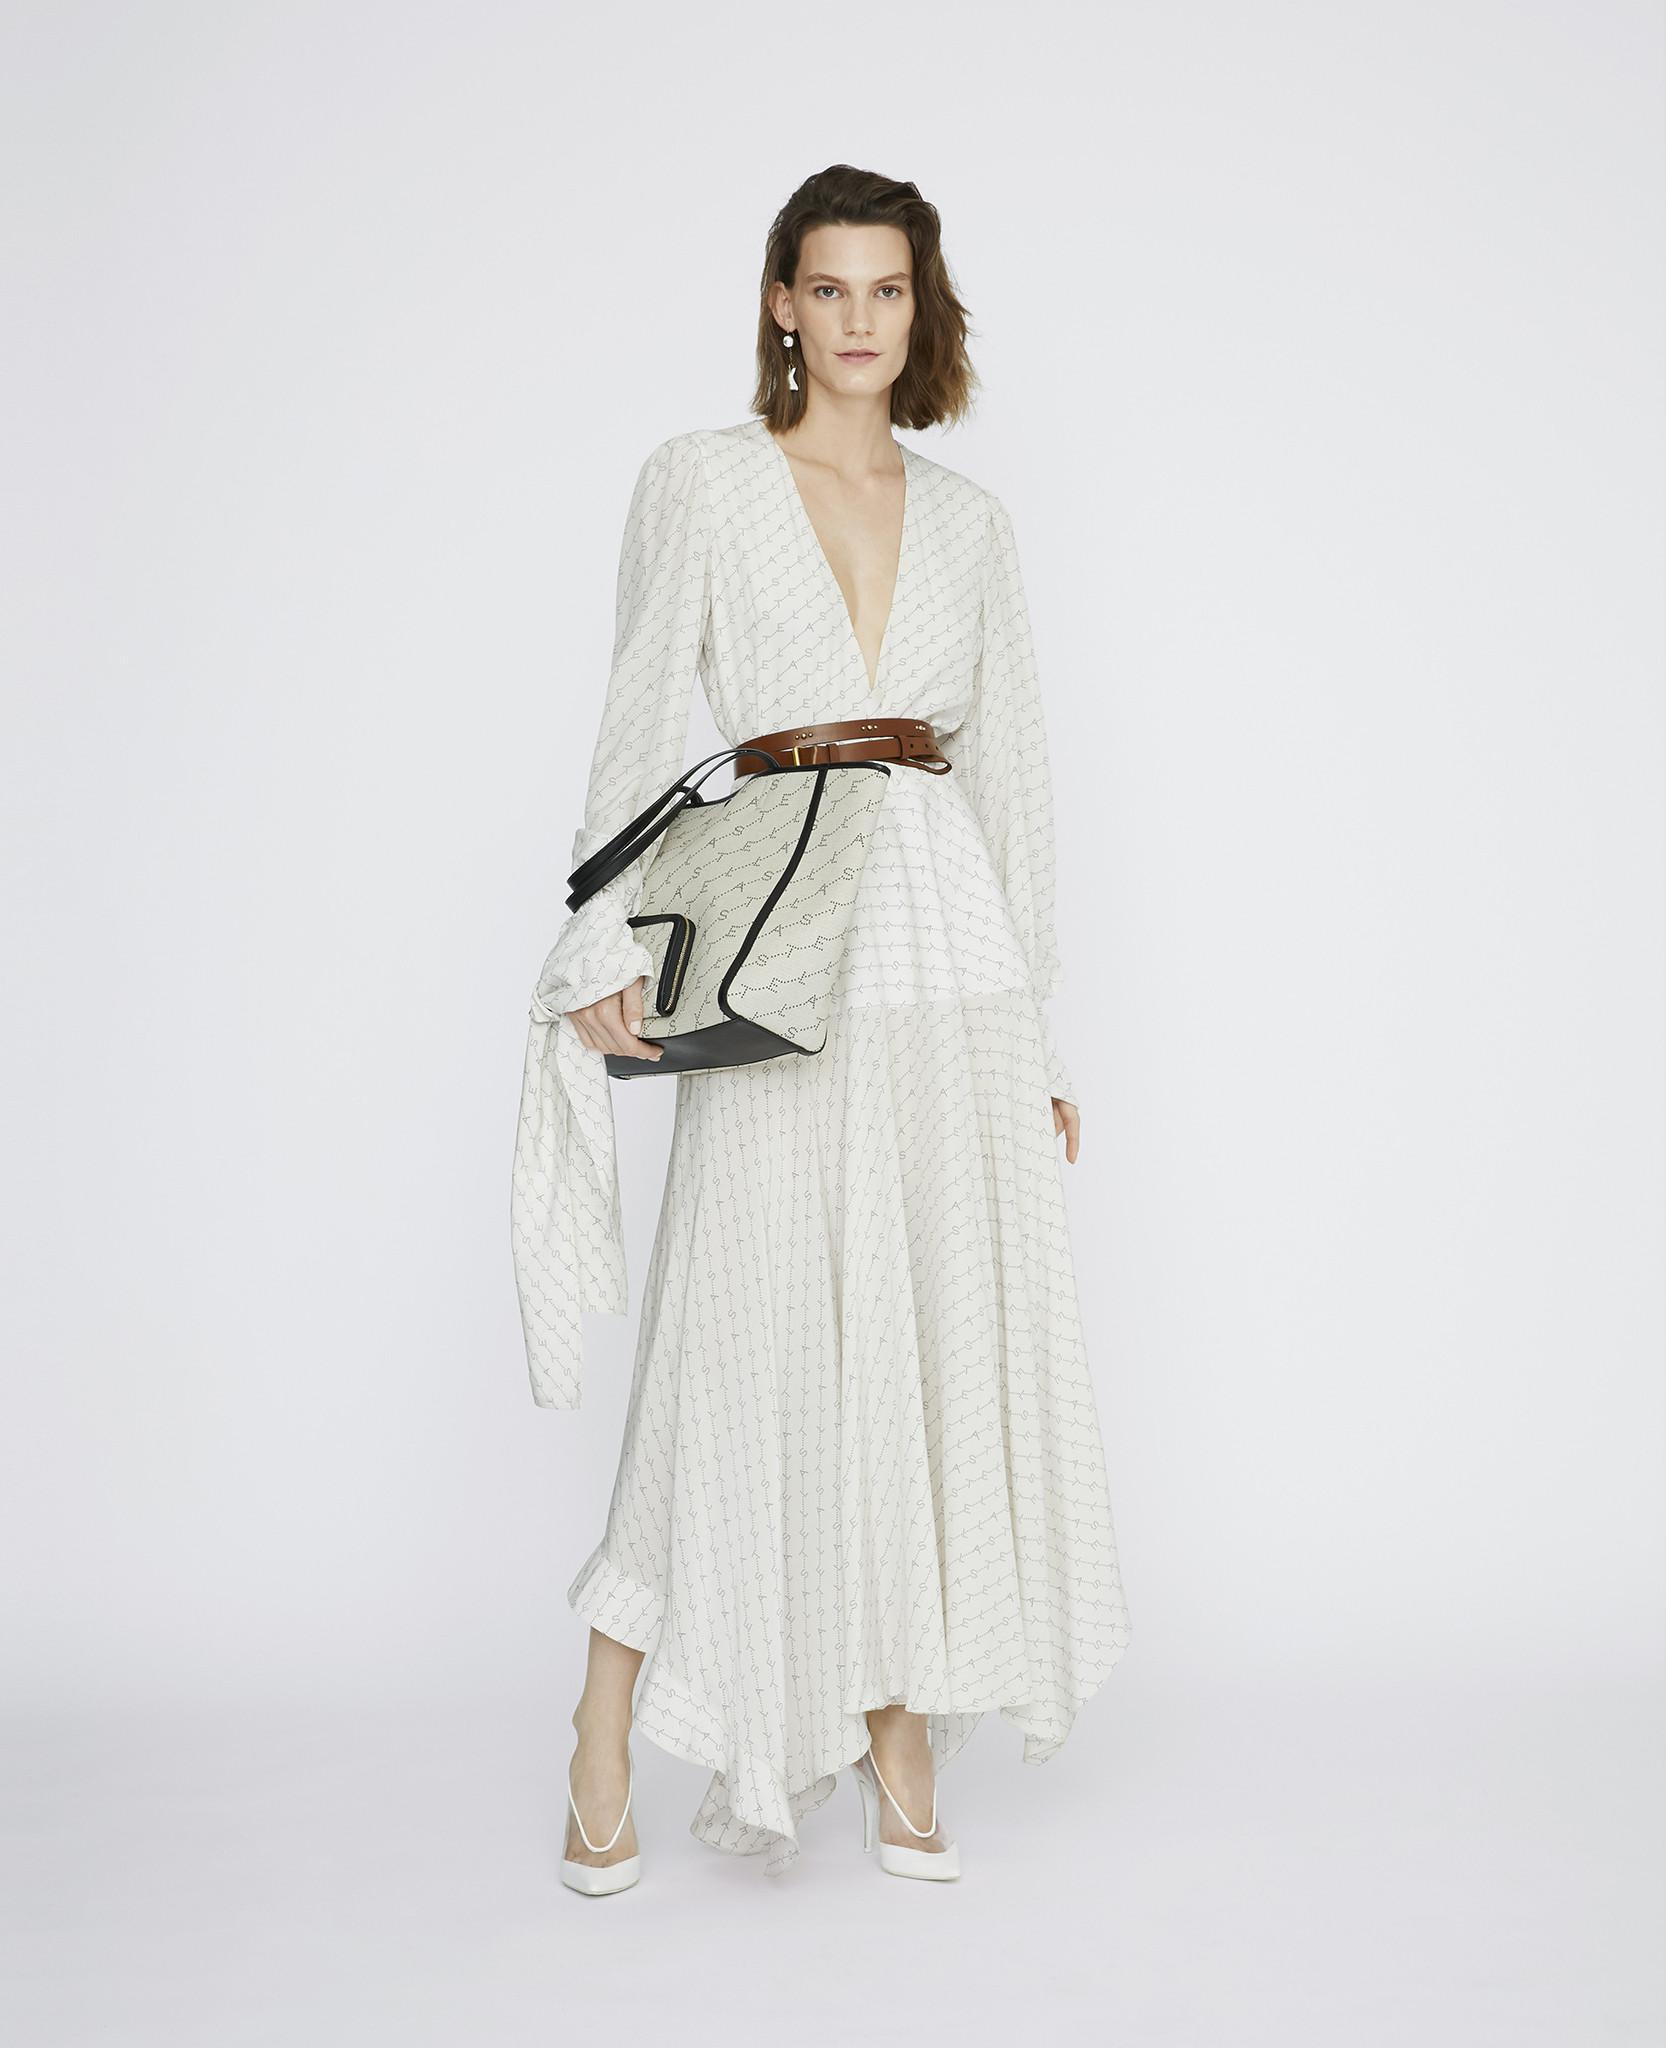 657a607247c21 Stella McCartney Marley Dress in White - Lyst